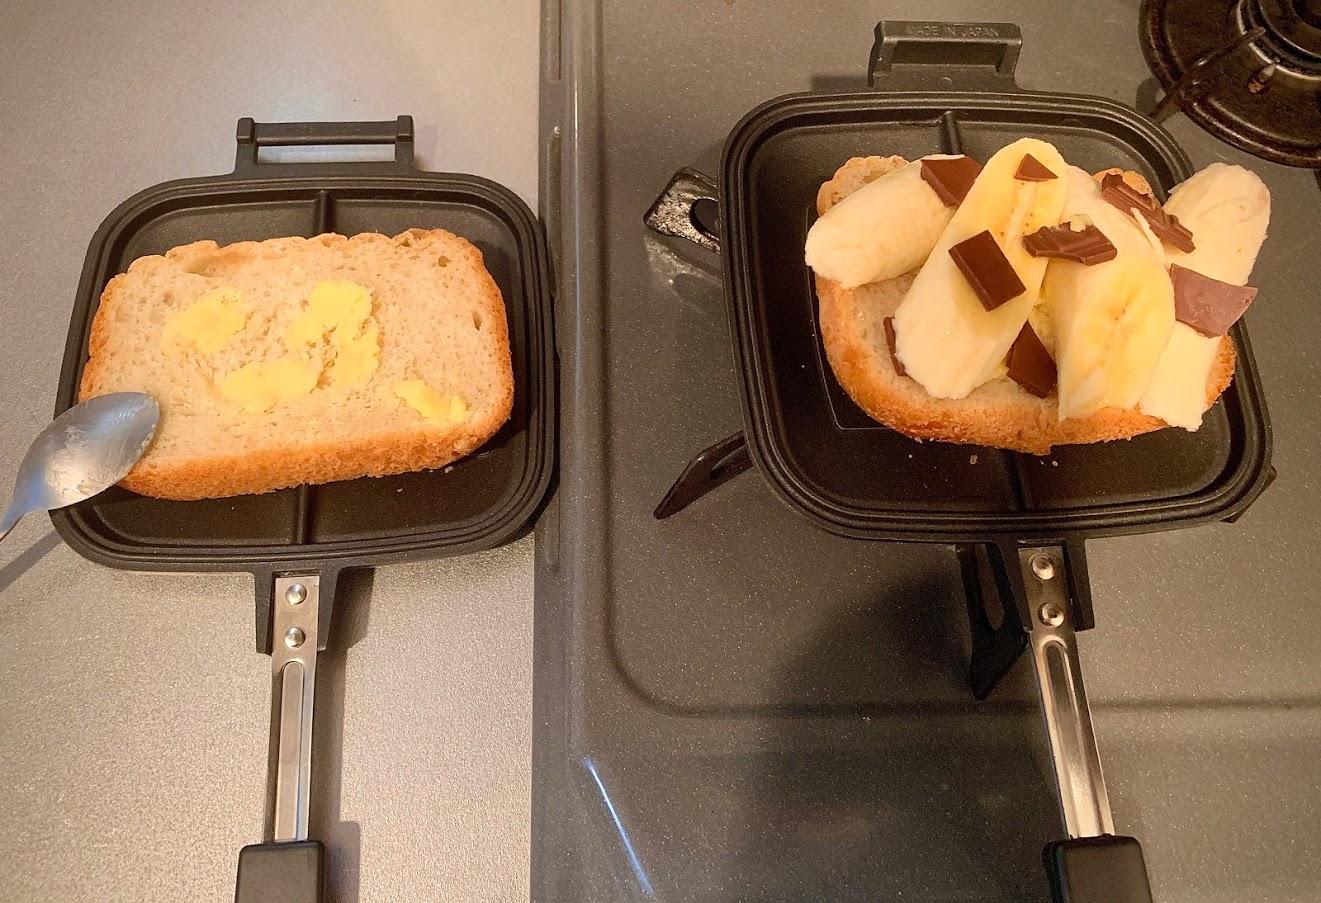 バターチョコバナナホットサンドを焼く直前の状態